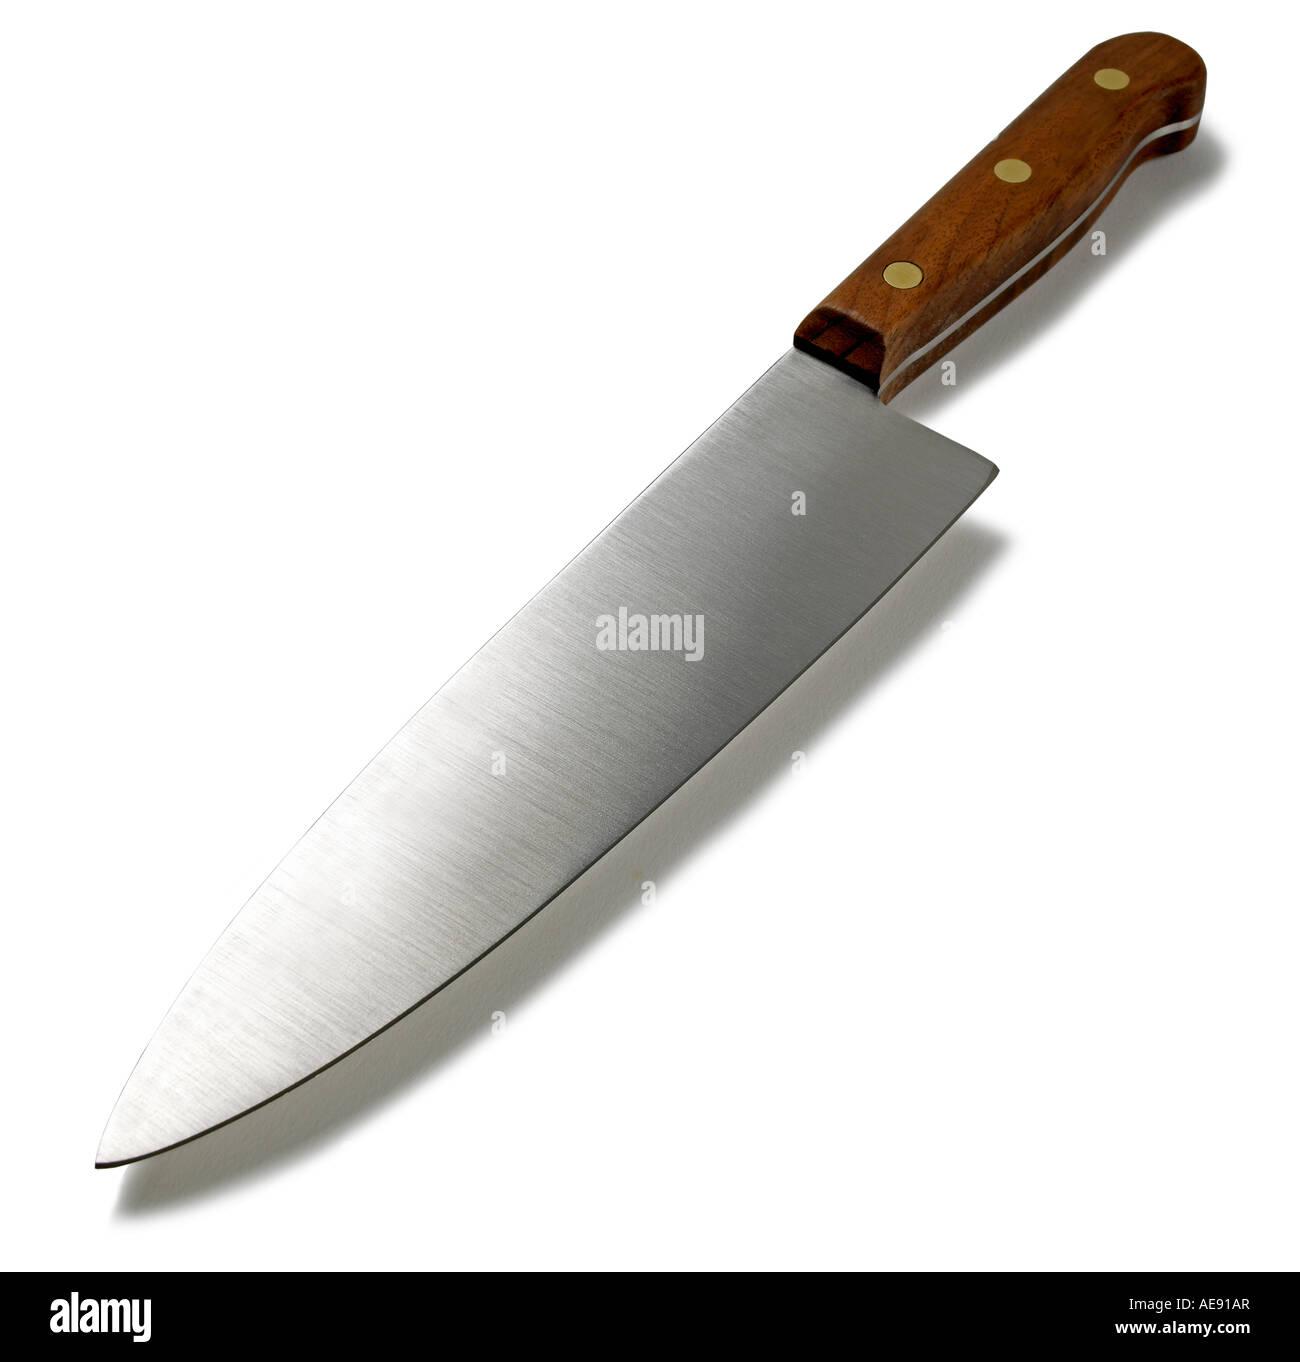 Kitchen knife - Stock Image